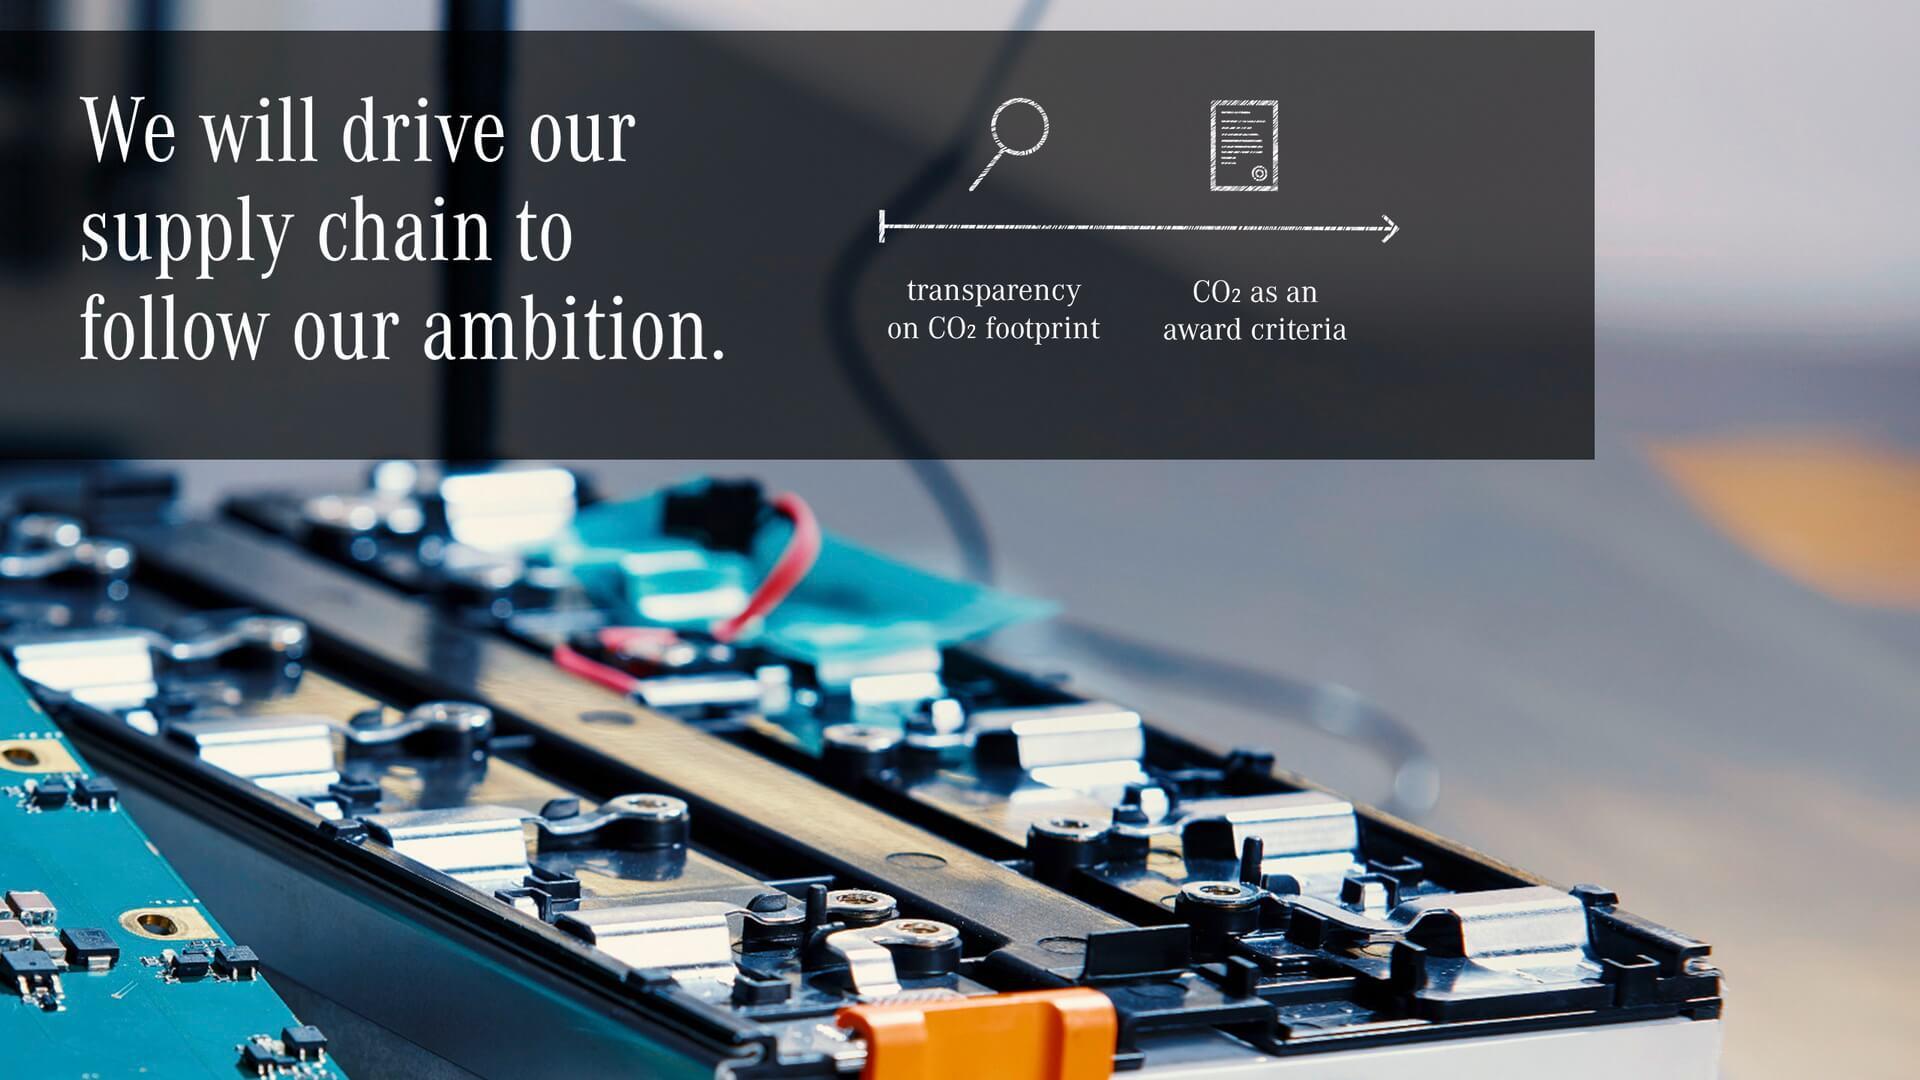 Основная идея «Ambition 2039» — повышение экологичности предприятий ипродуктов производства